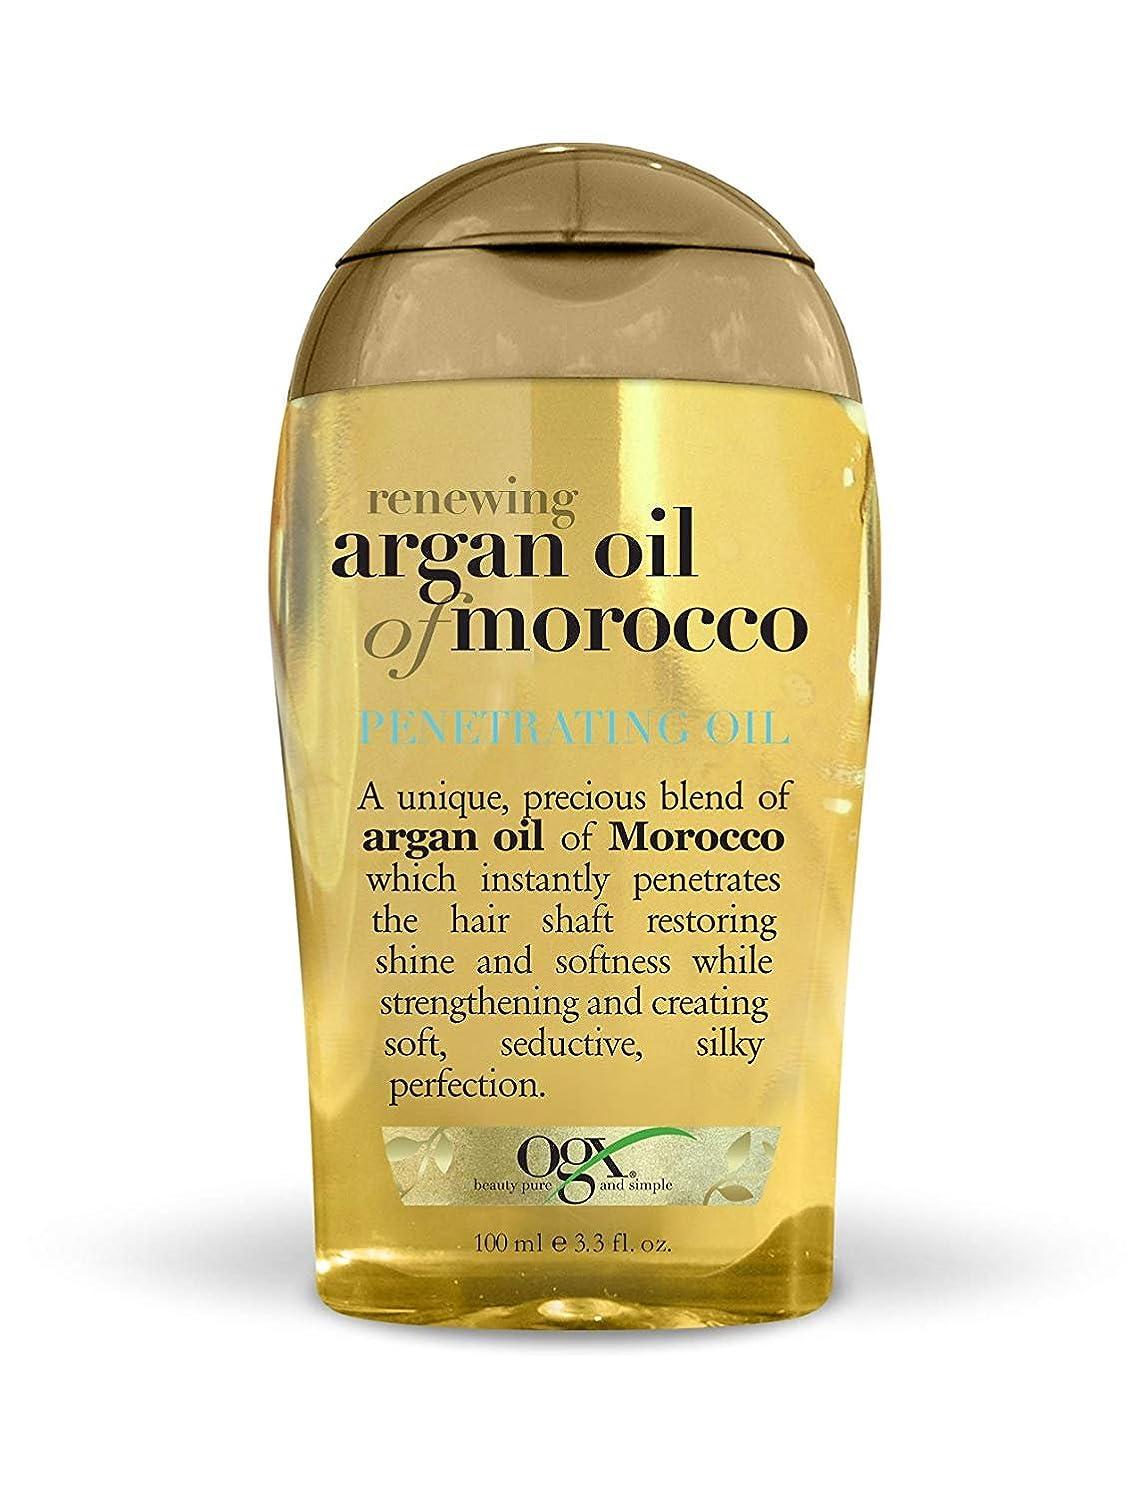 ホイスト機械的にペフOrganix Moroccan Argan Oil Penetrating Oil 100 ml x 3 パック (並行輸入品)